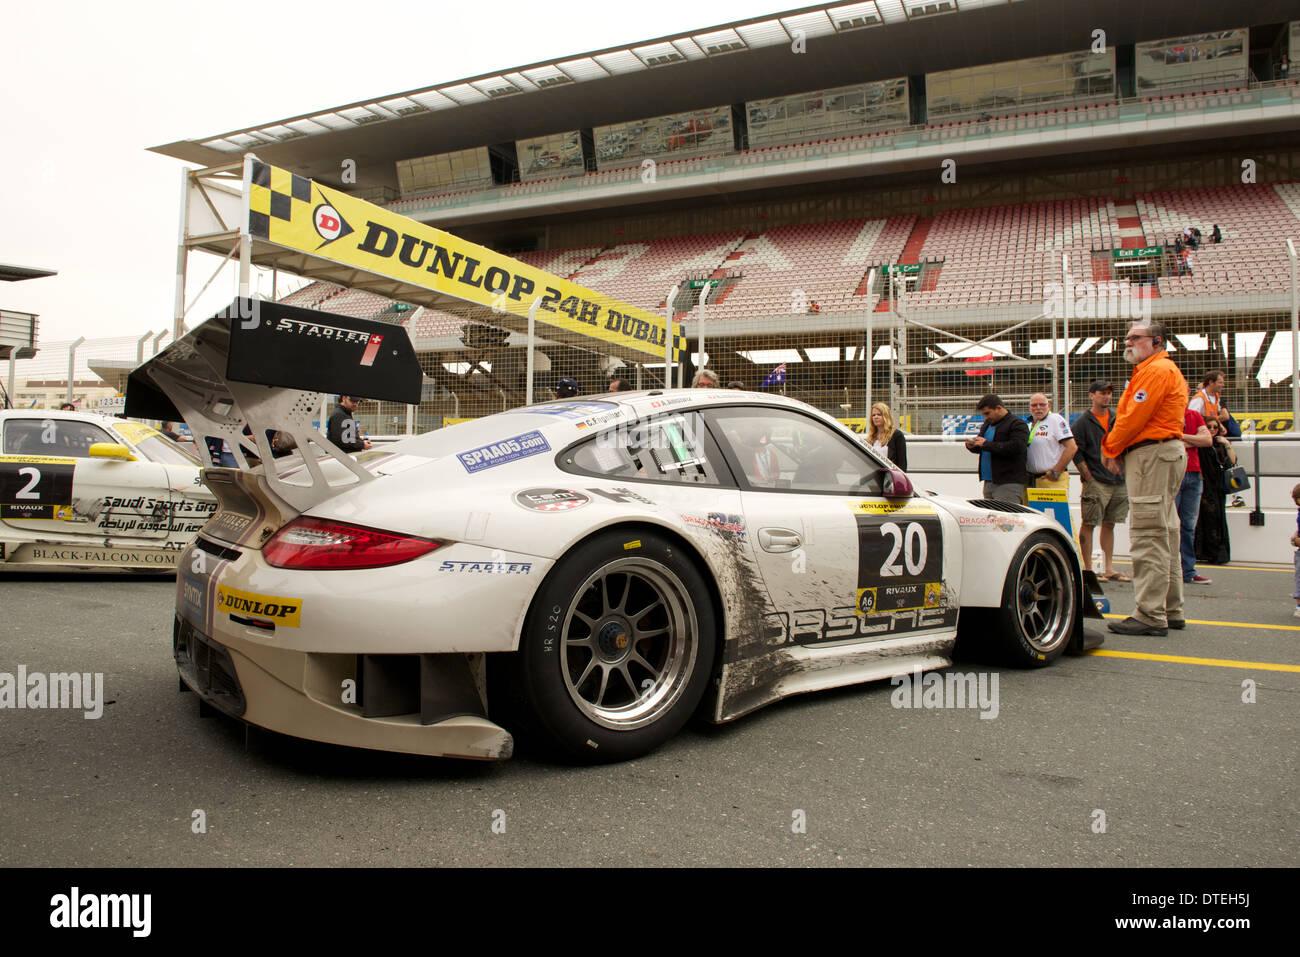 Die siegreiche Porsche 977 GT3 R des Stadler Motorsport-Teams in den Parc Fermé nach dem Gewinn der Dunlop Stockbild